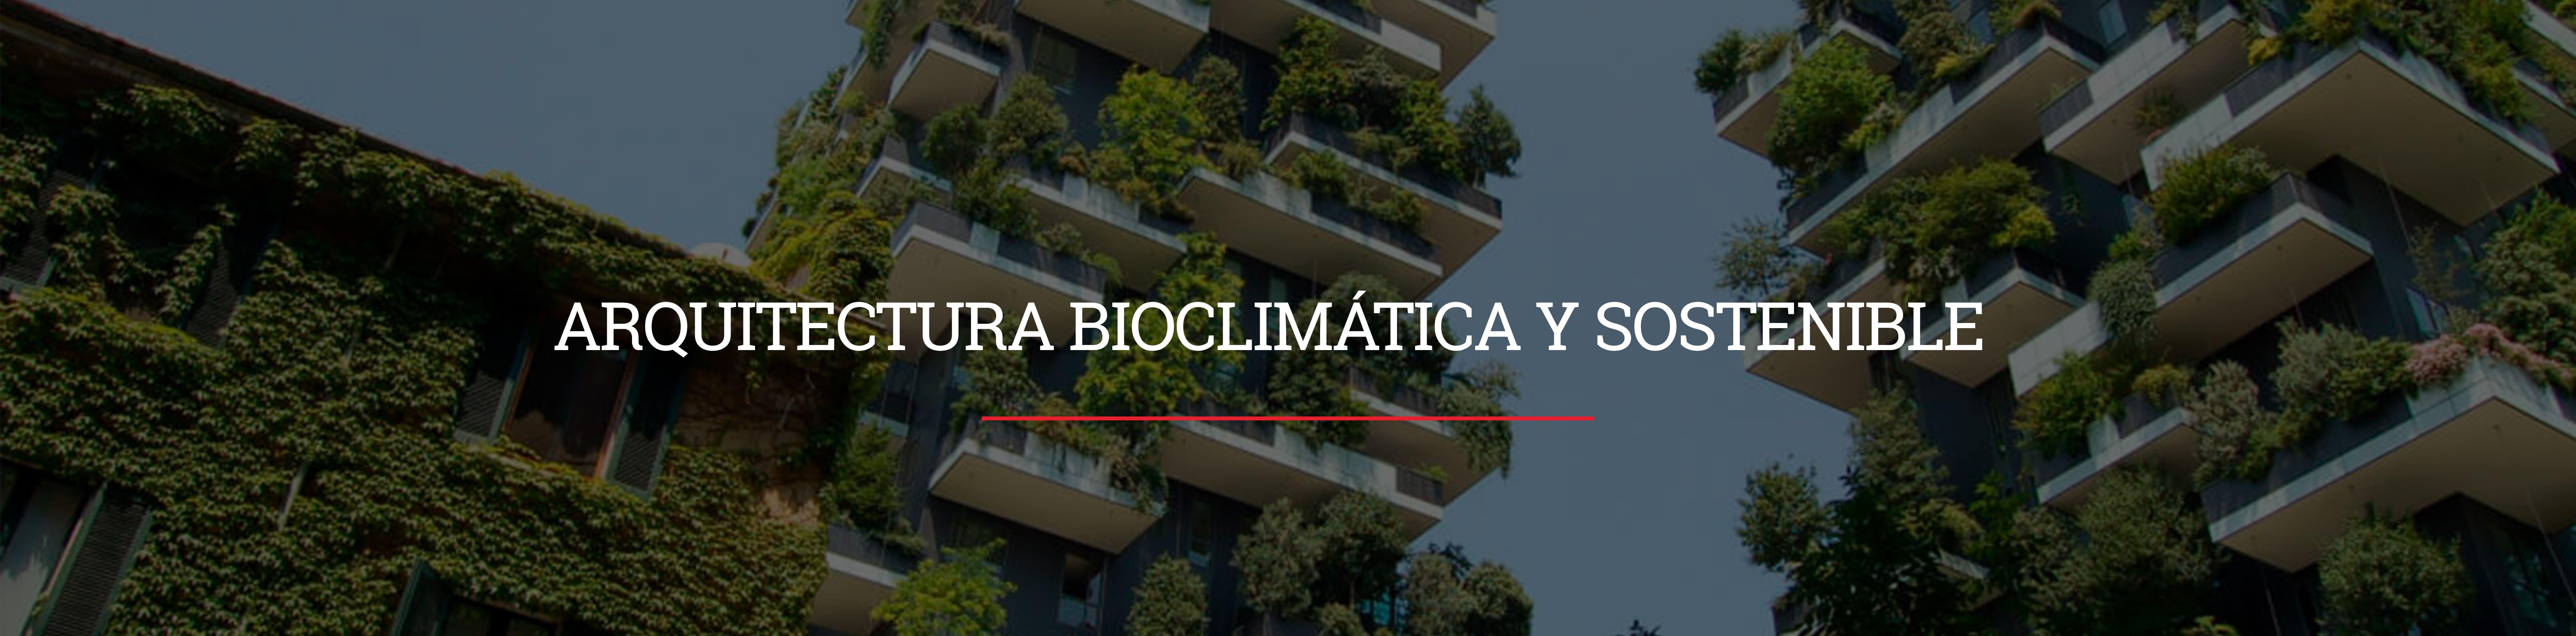 Arquitectura Bioclimática y Sostenible